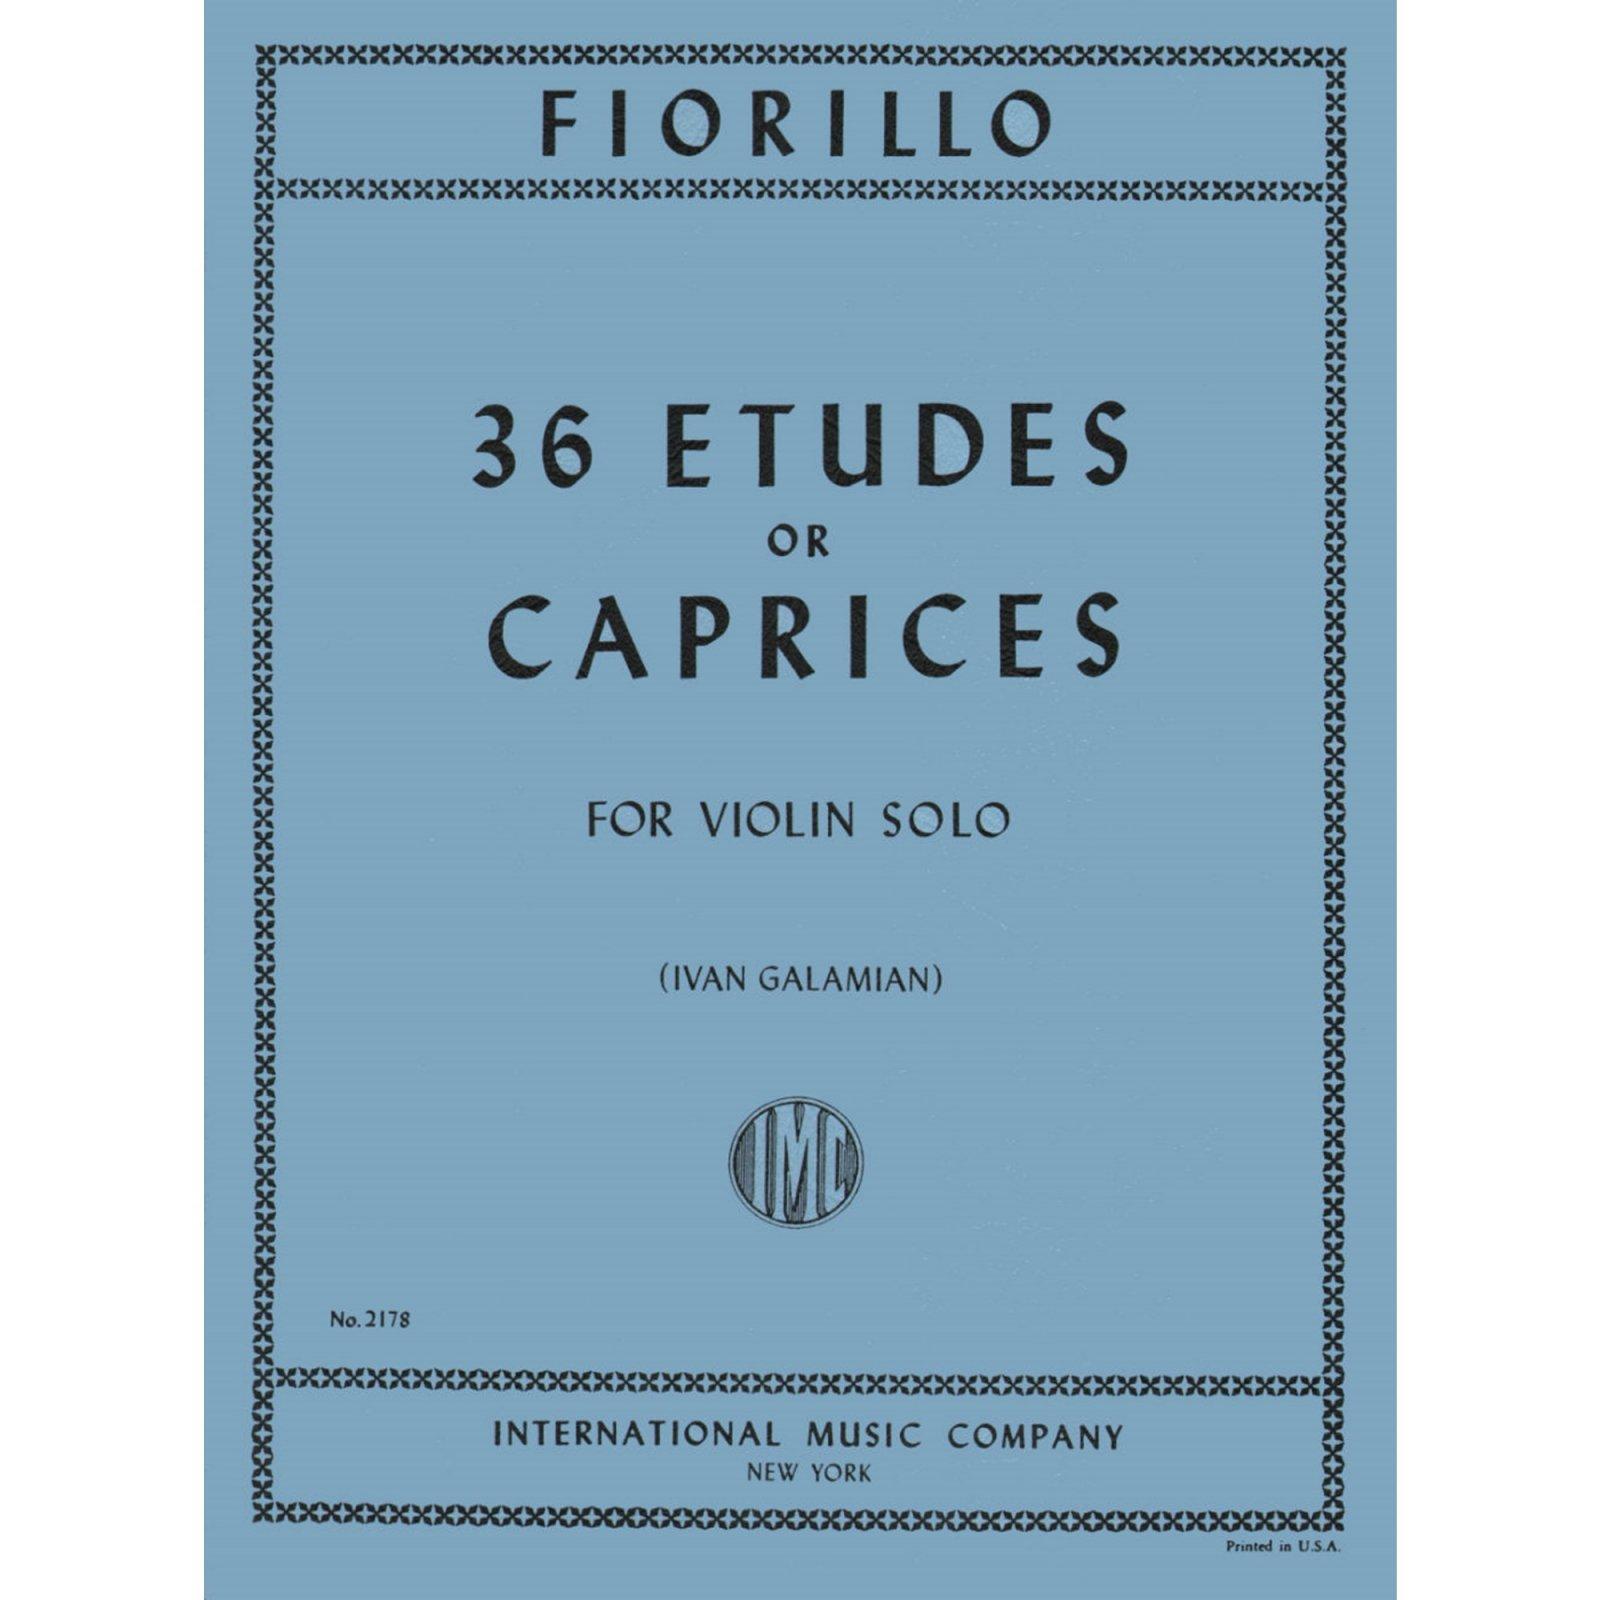 Fiorillo: 36 Etudes Or Caprices Ed. Galamian